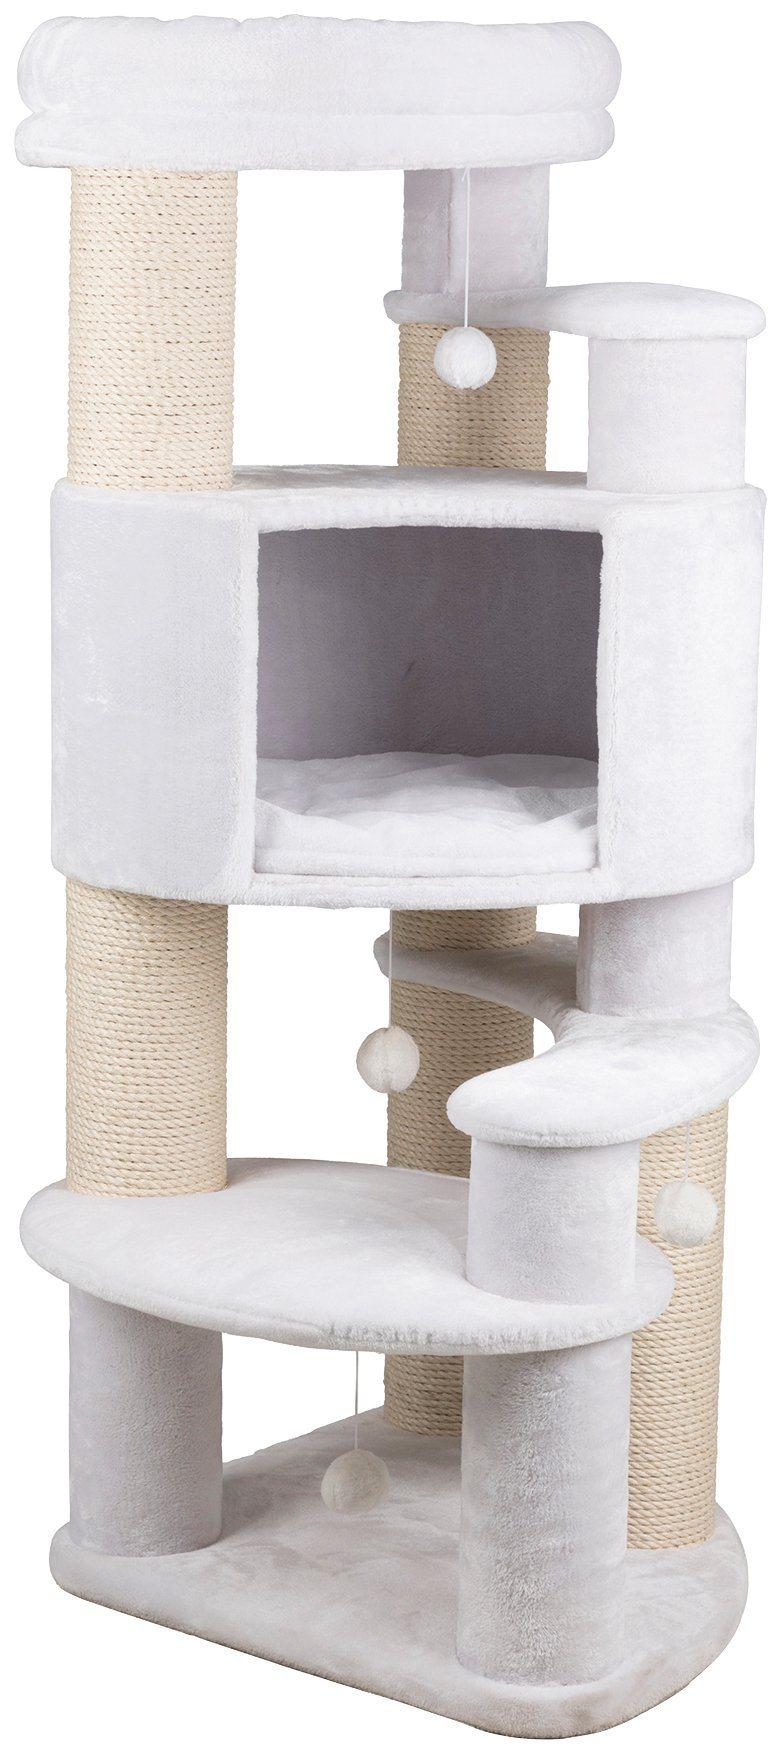 xxl kratzbaum waschbar preisvergleich die besten. Black Bedroom Furniture Sets. Home Design Ideas